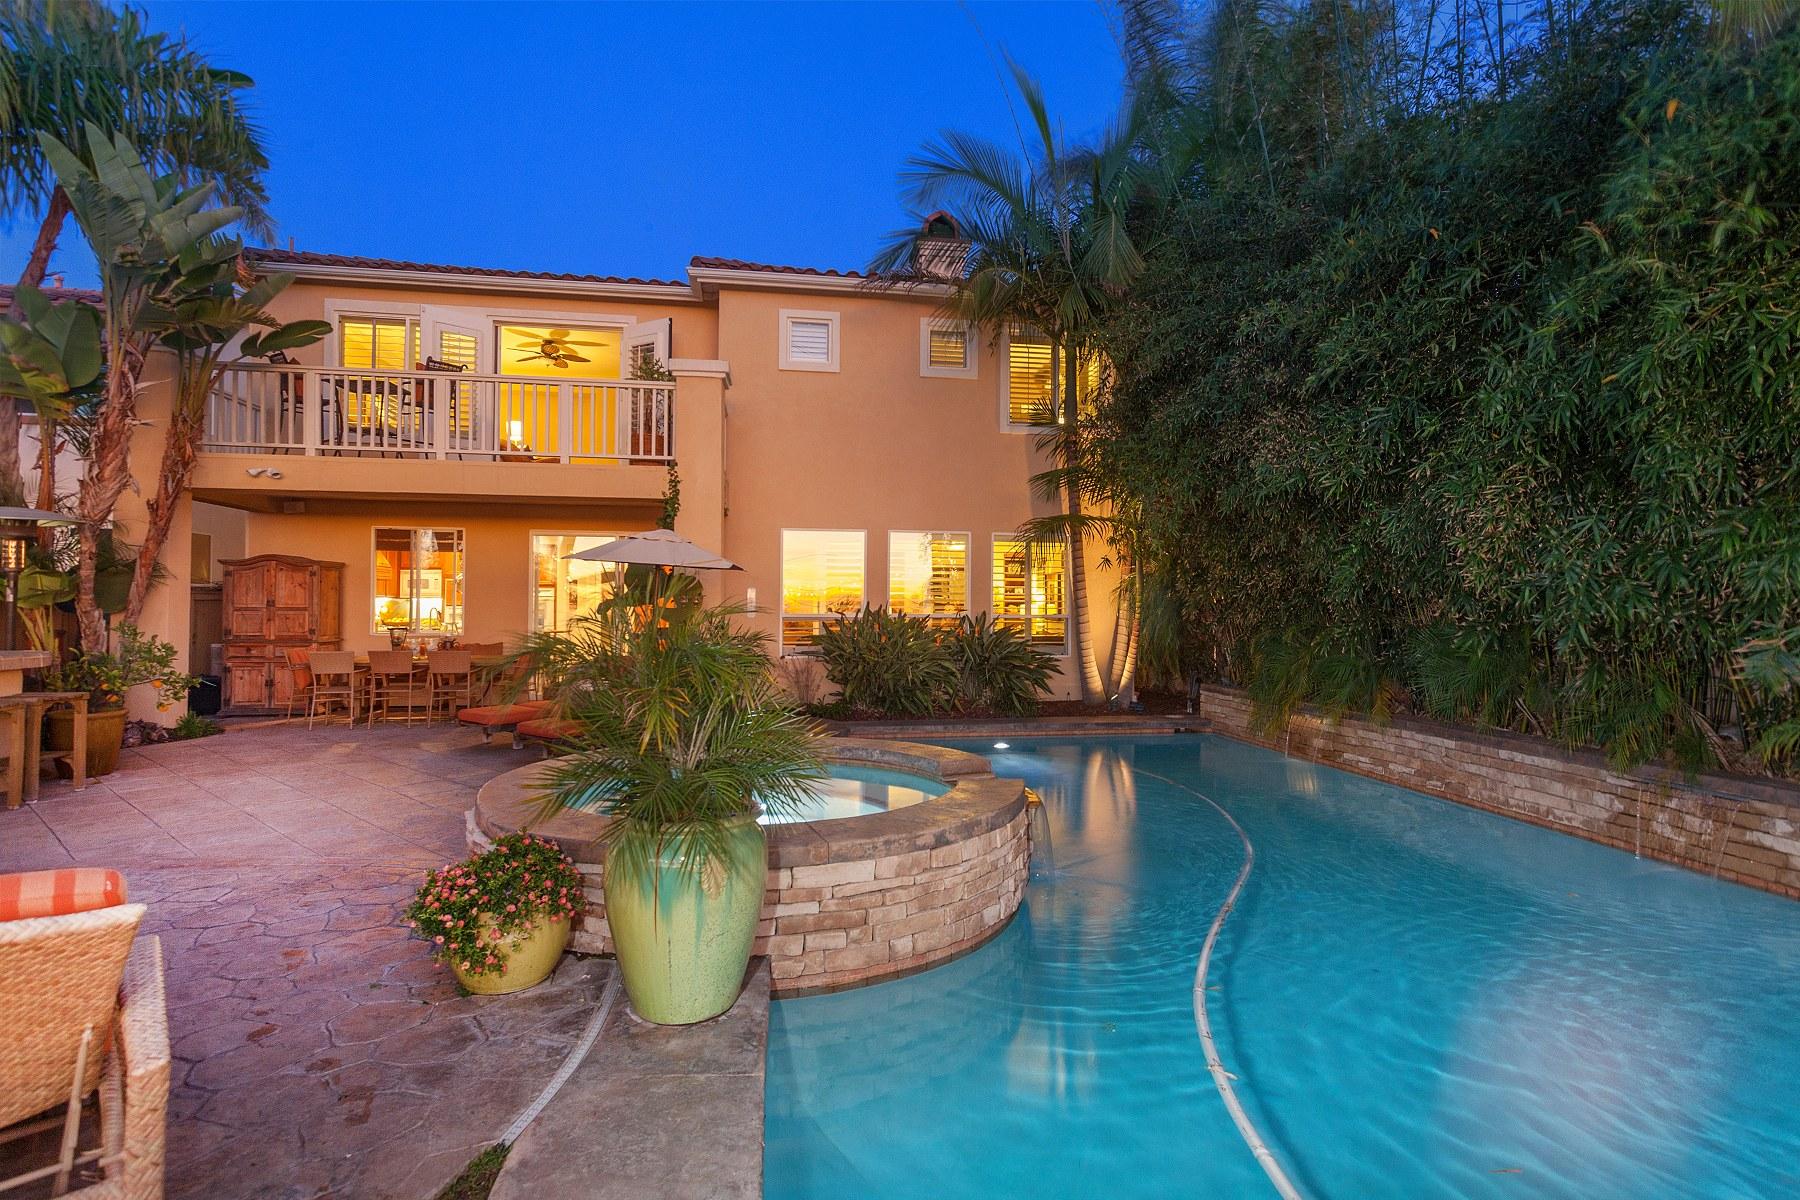 一戸建て のために 売買 アット Sansonnet 11416 Fairwind Court San Diego, カリフォルニア 92130 アメリカ合衆国